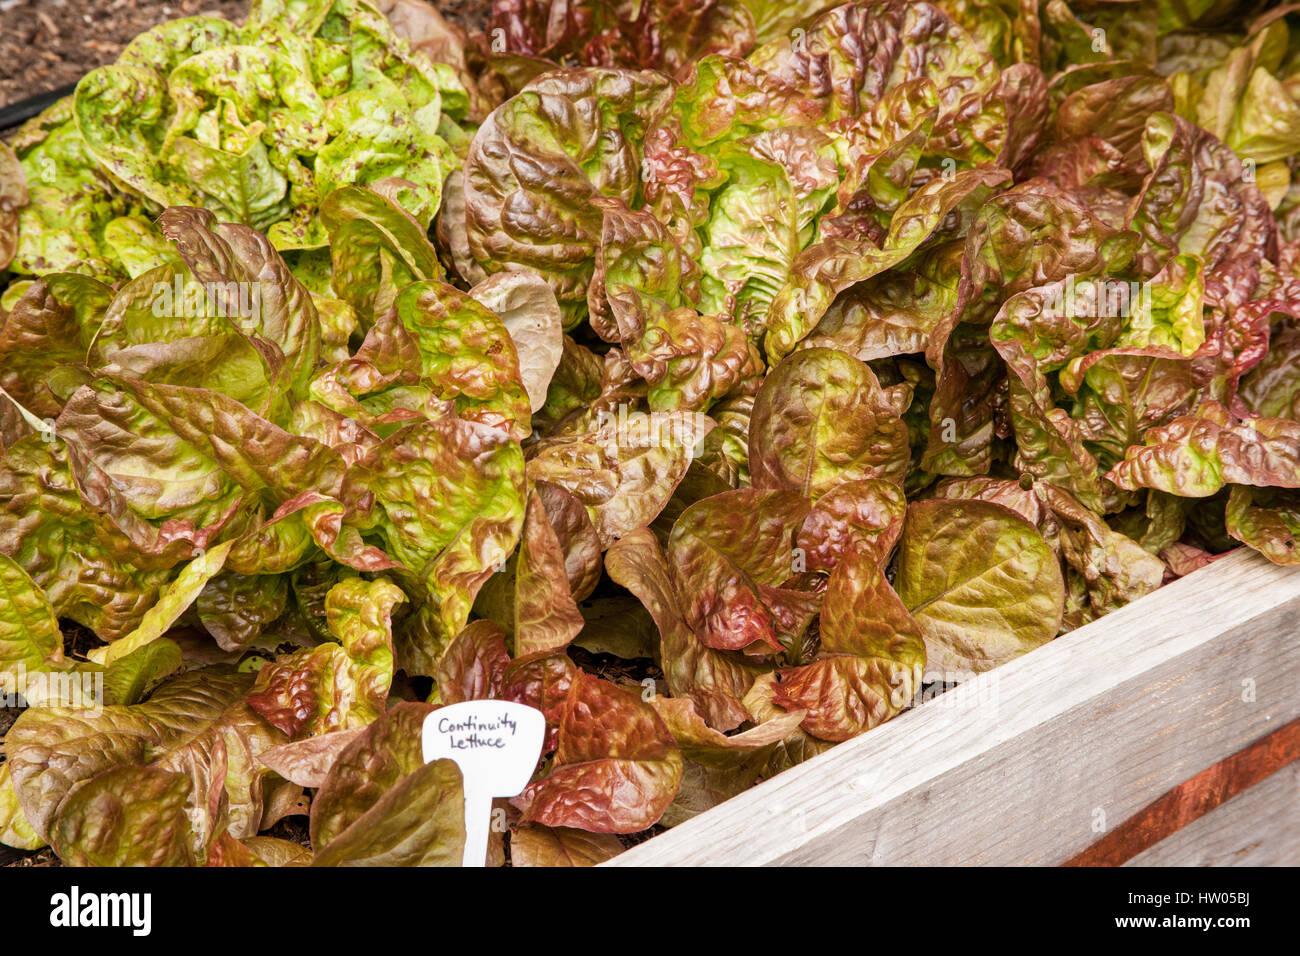 Raised Beds Garden Lettuce Stock Photos & Raised Beds Garden Lettuce ...